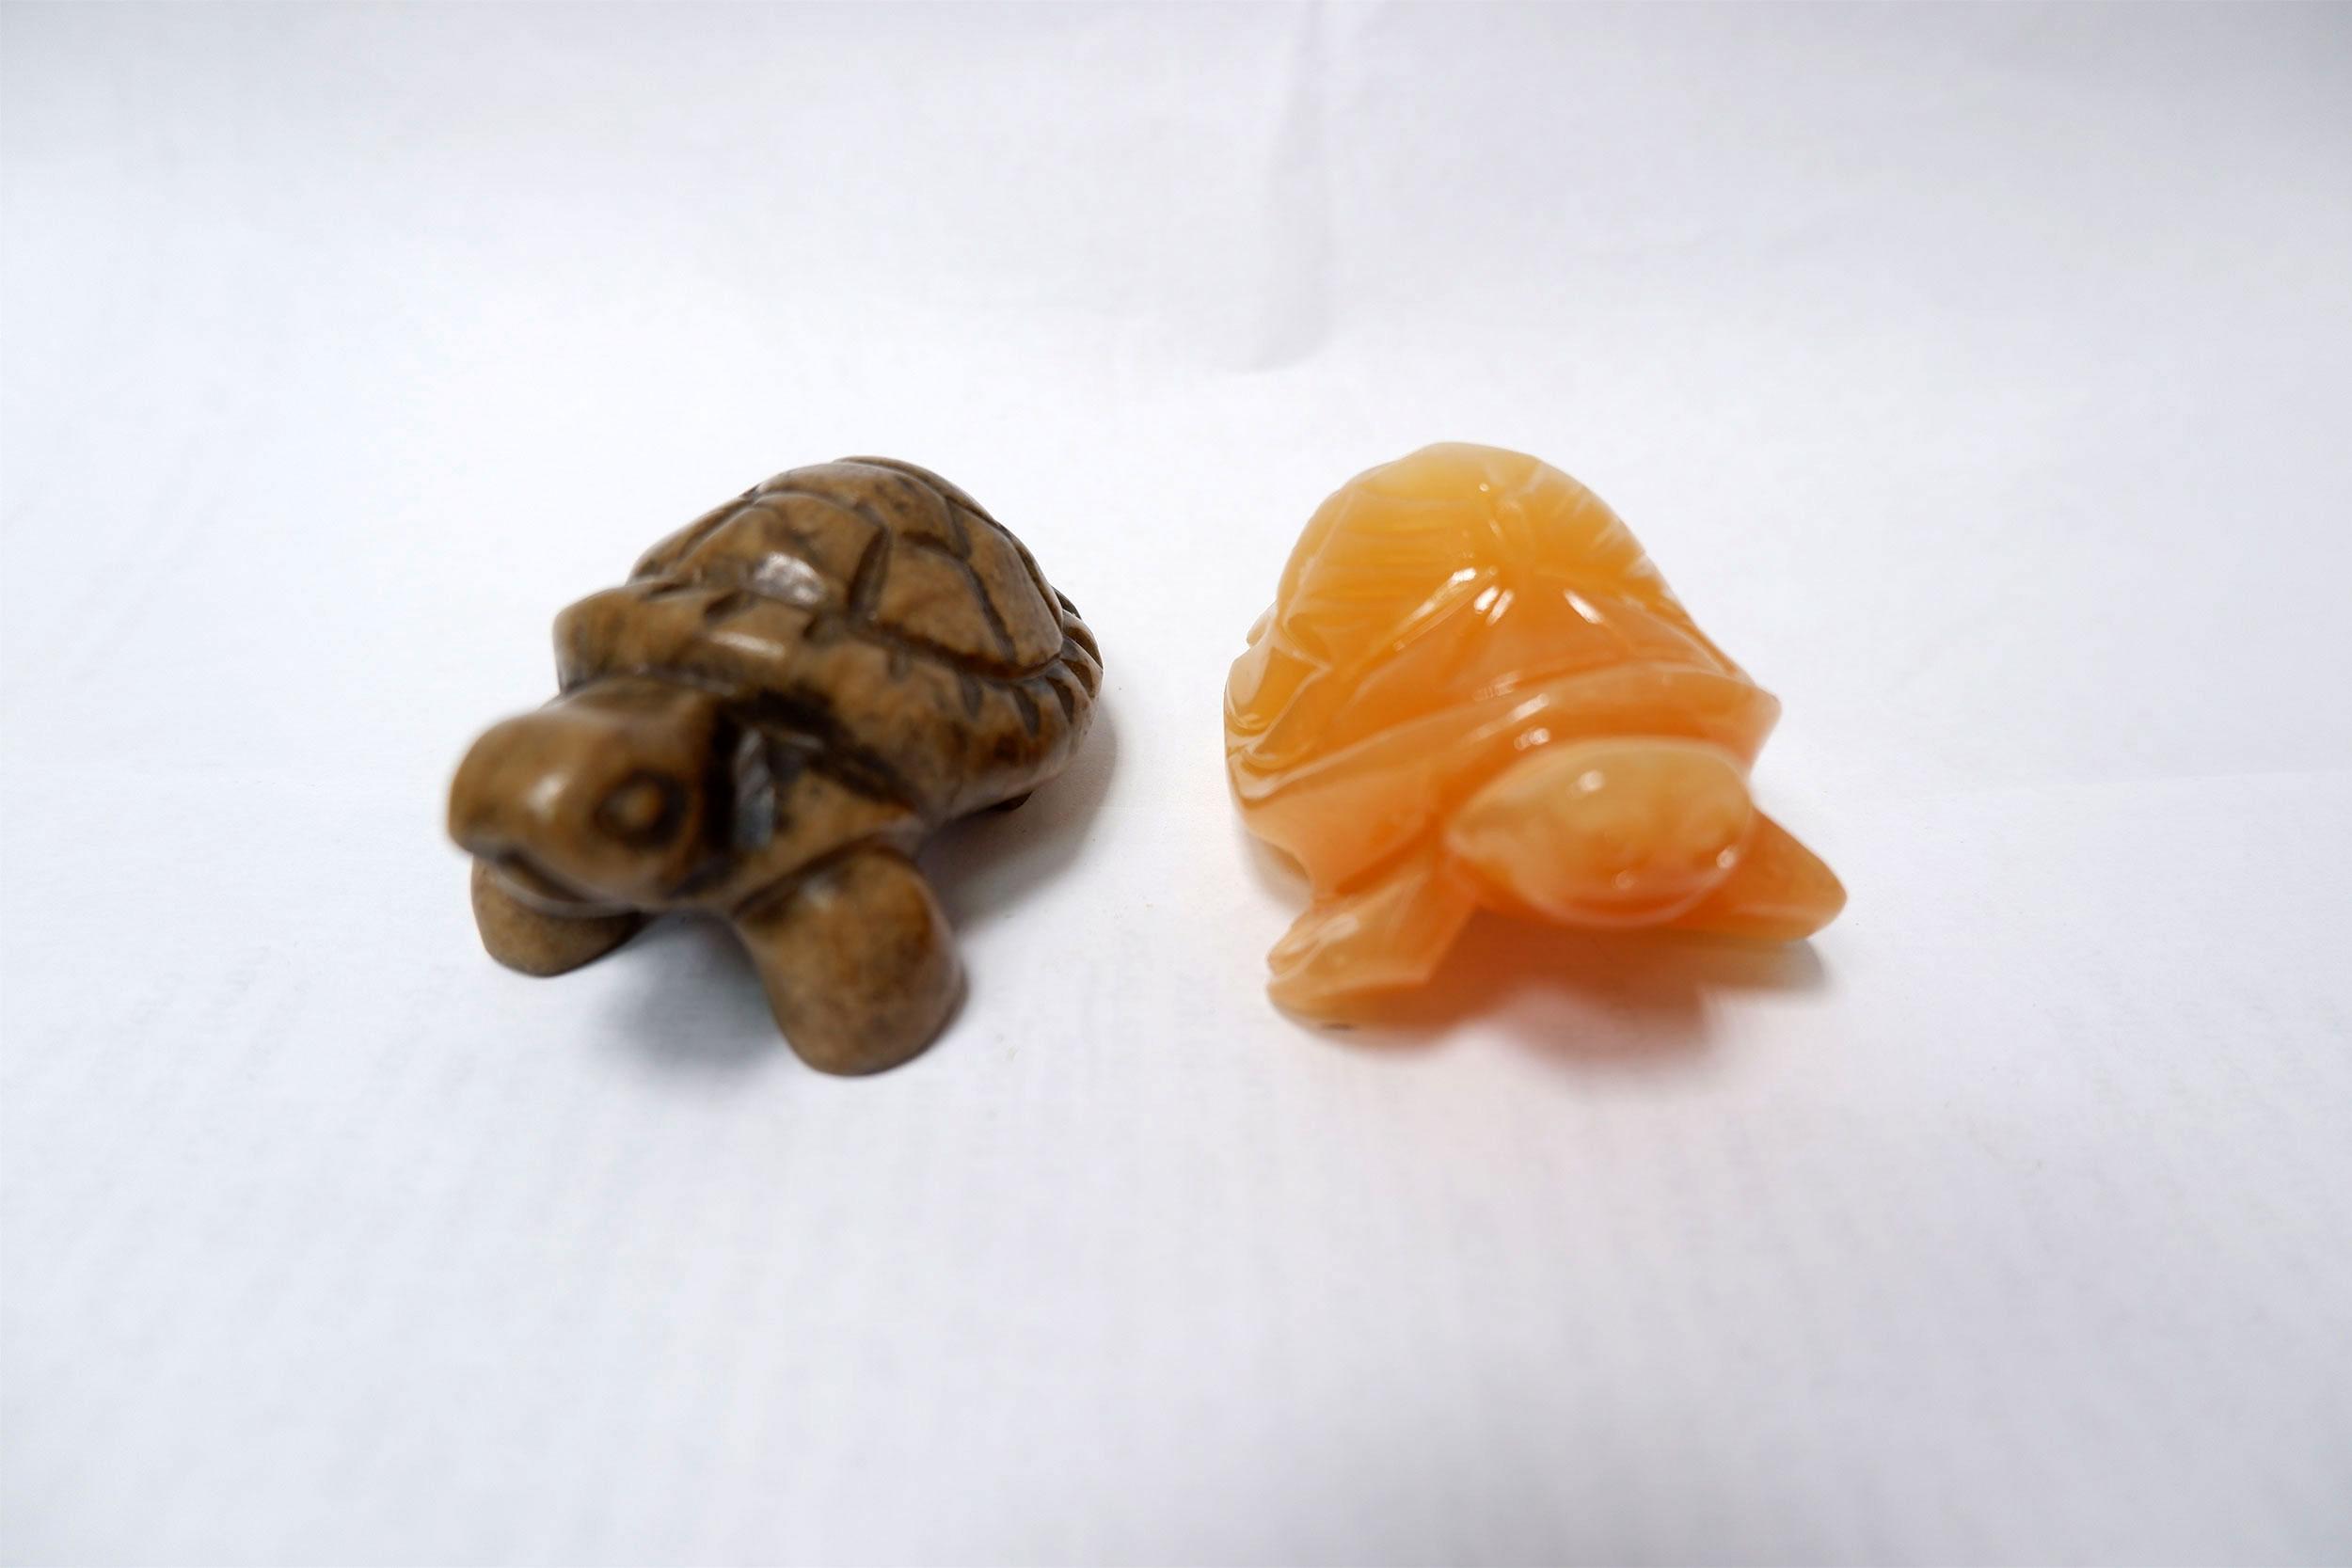 Черепахи из селенита и ангидрита